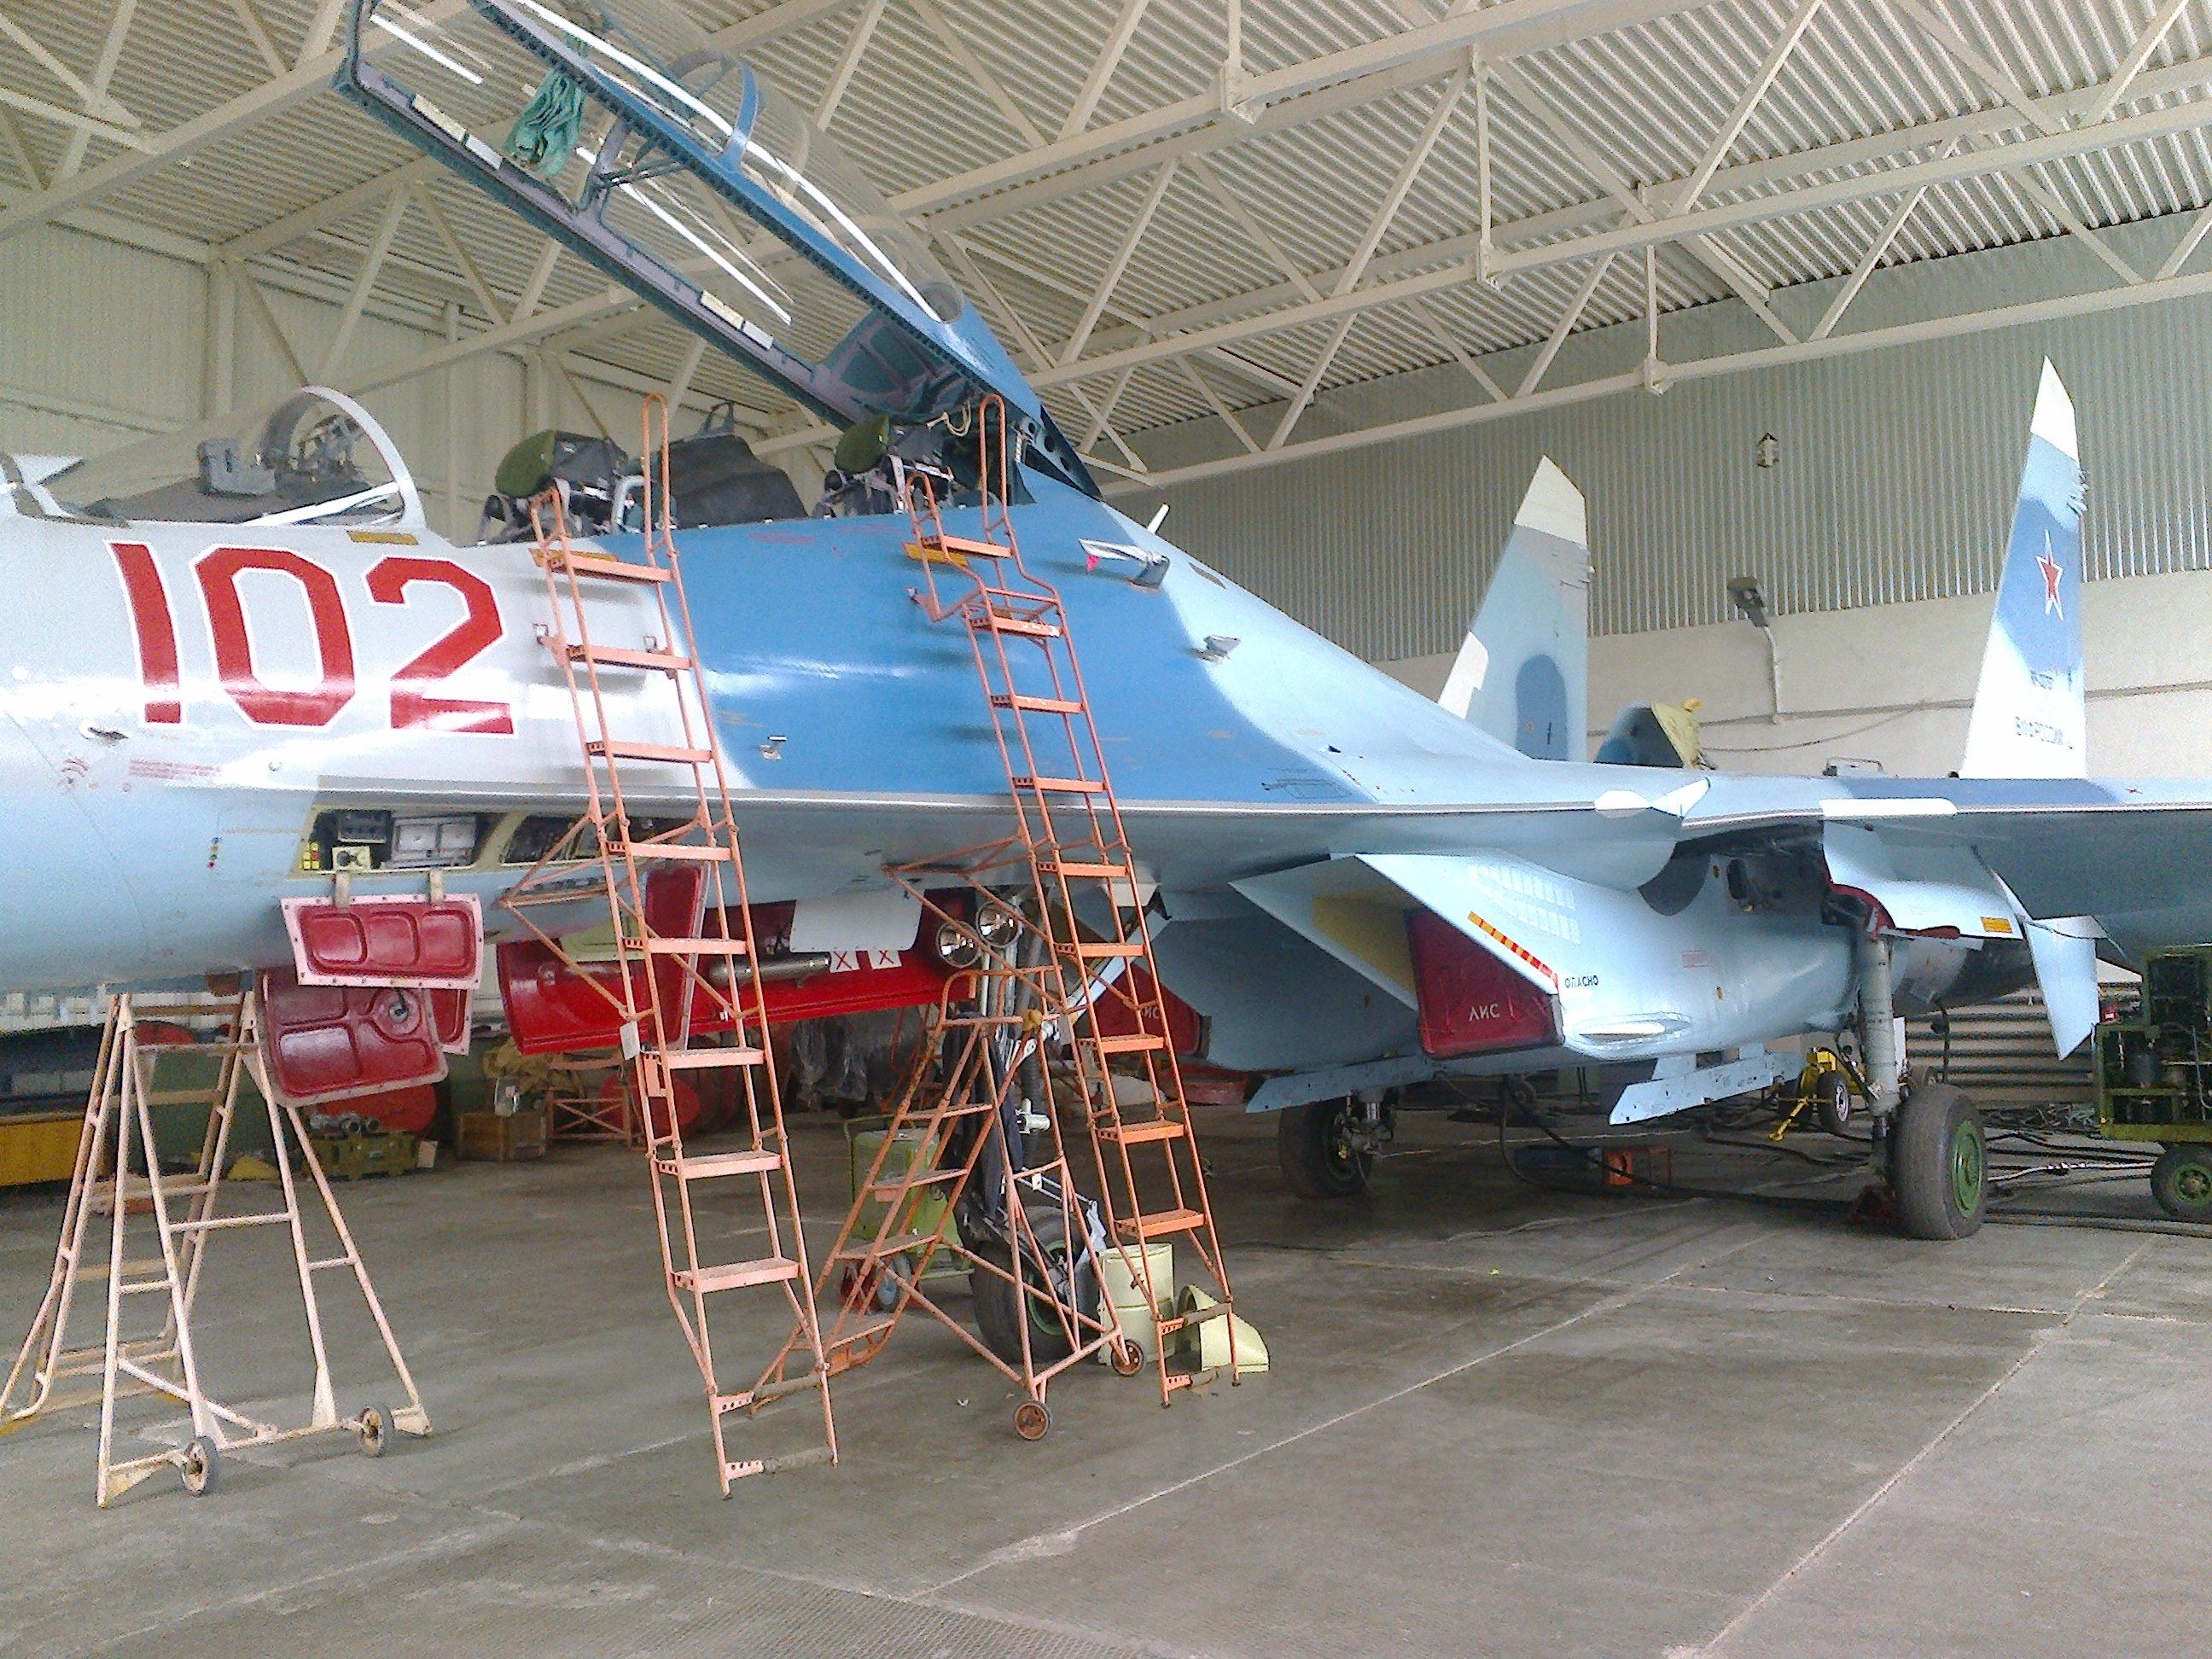 Самолеты и вертолеты 72-й авиационной базы Морской авиации Балтийского флота